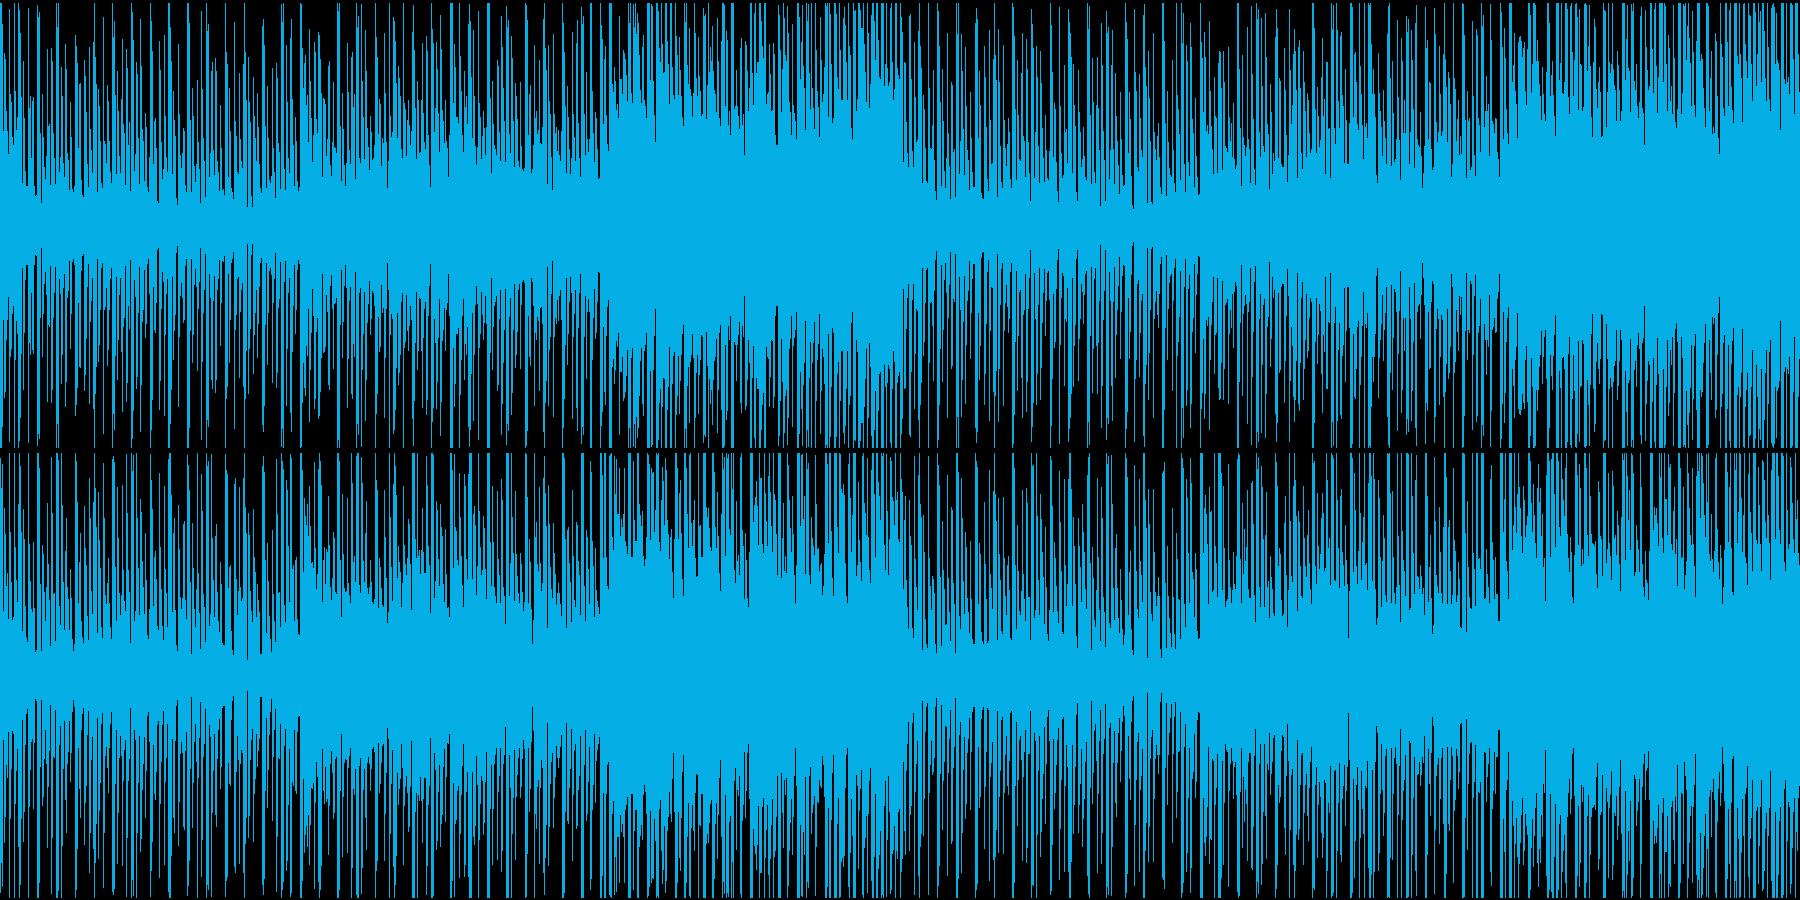 緊張感のあるニュース番組などに。ループ可の再生済みの波形